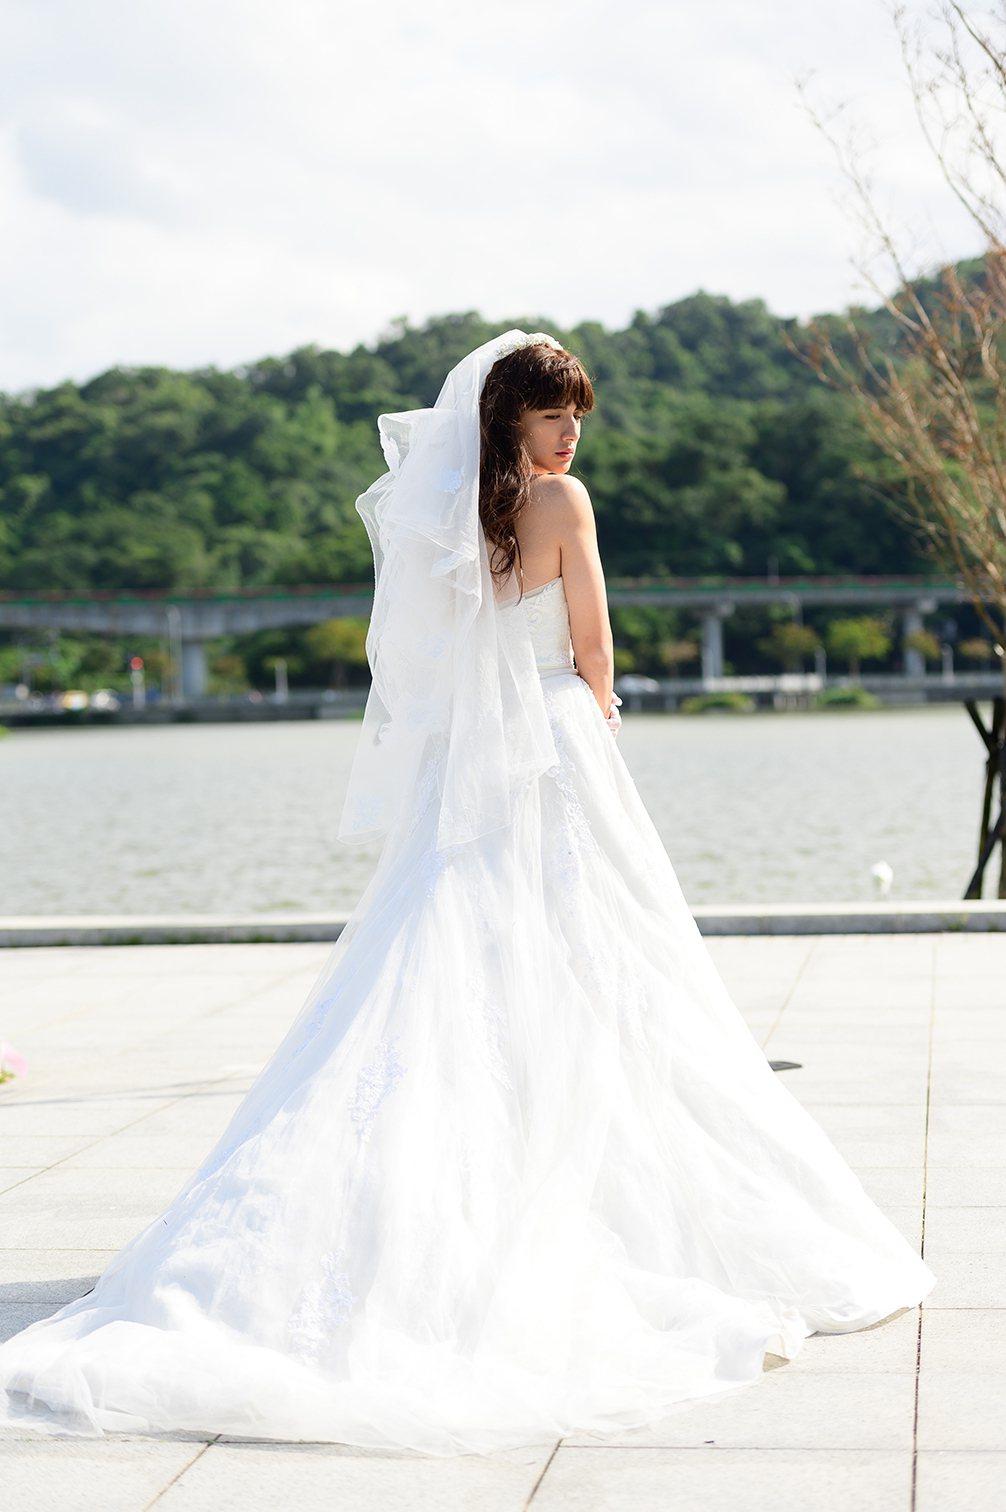 曾子余反串披婚紗。圖/TVBS提供